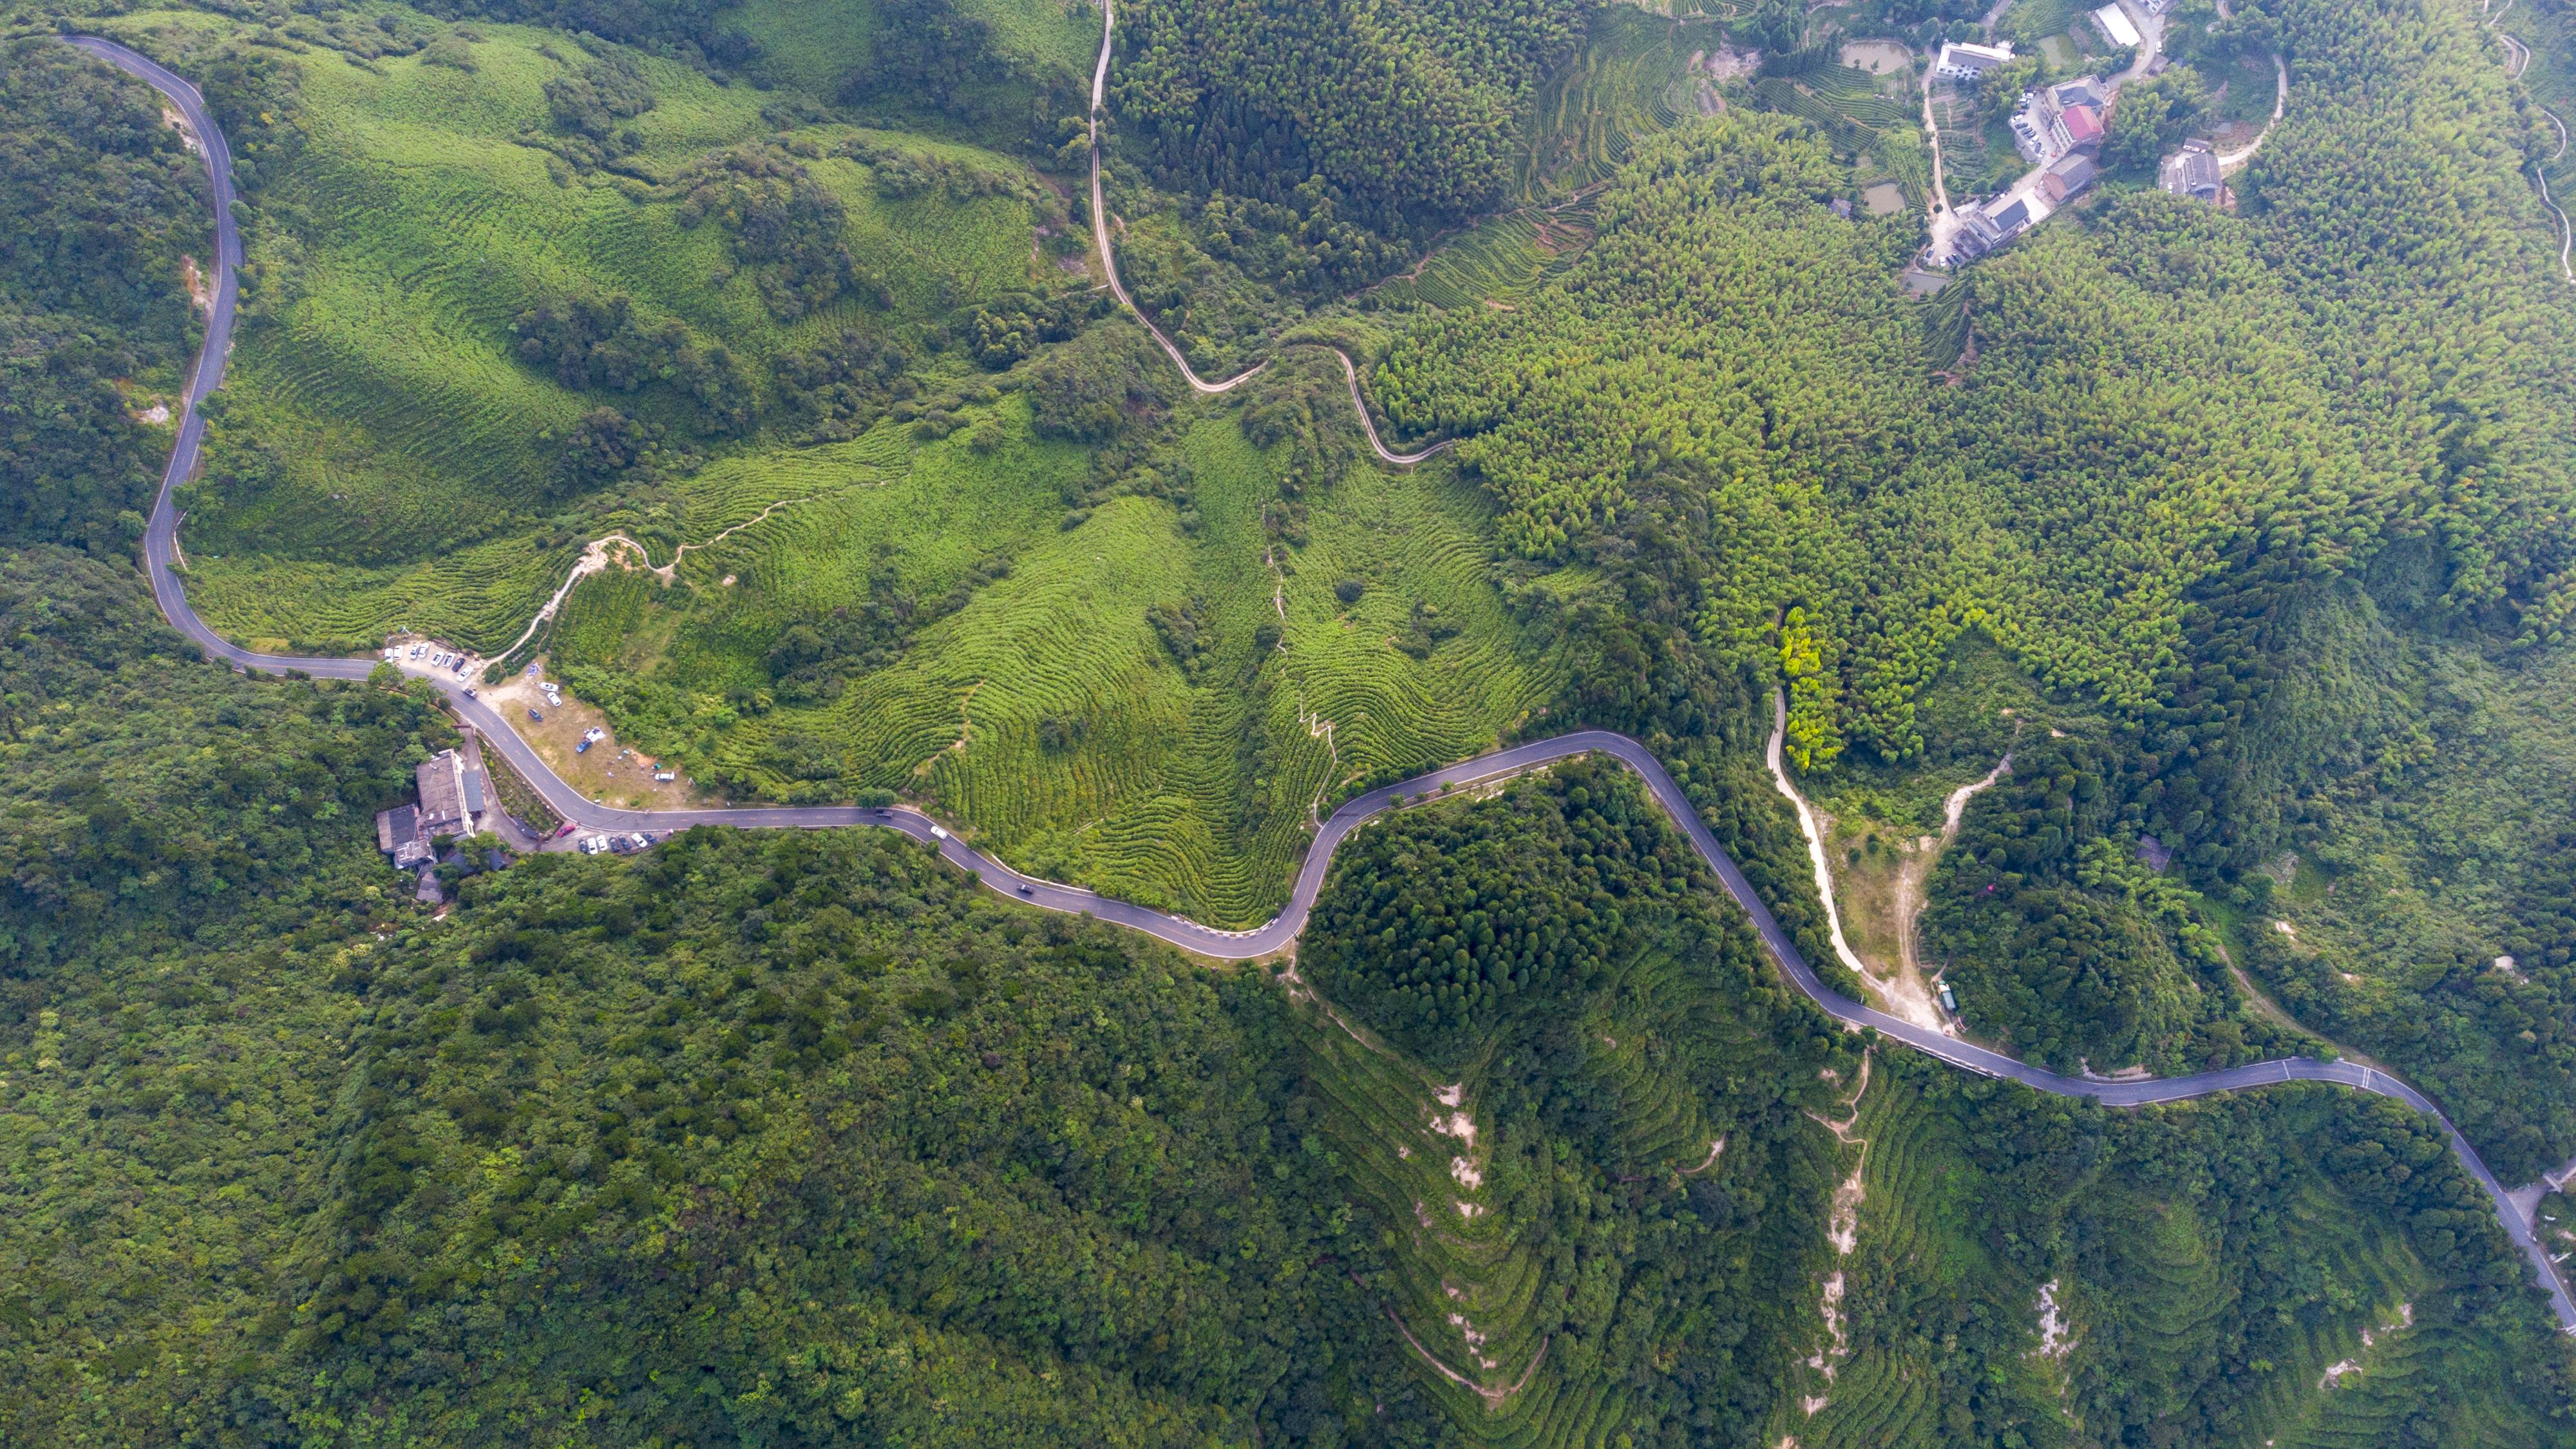 景区公路两旁茶树连绵不断,沿山皆茶 (2).jpg